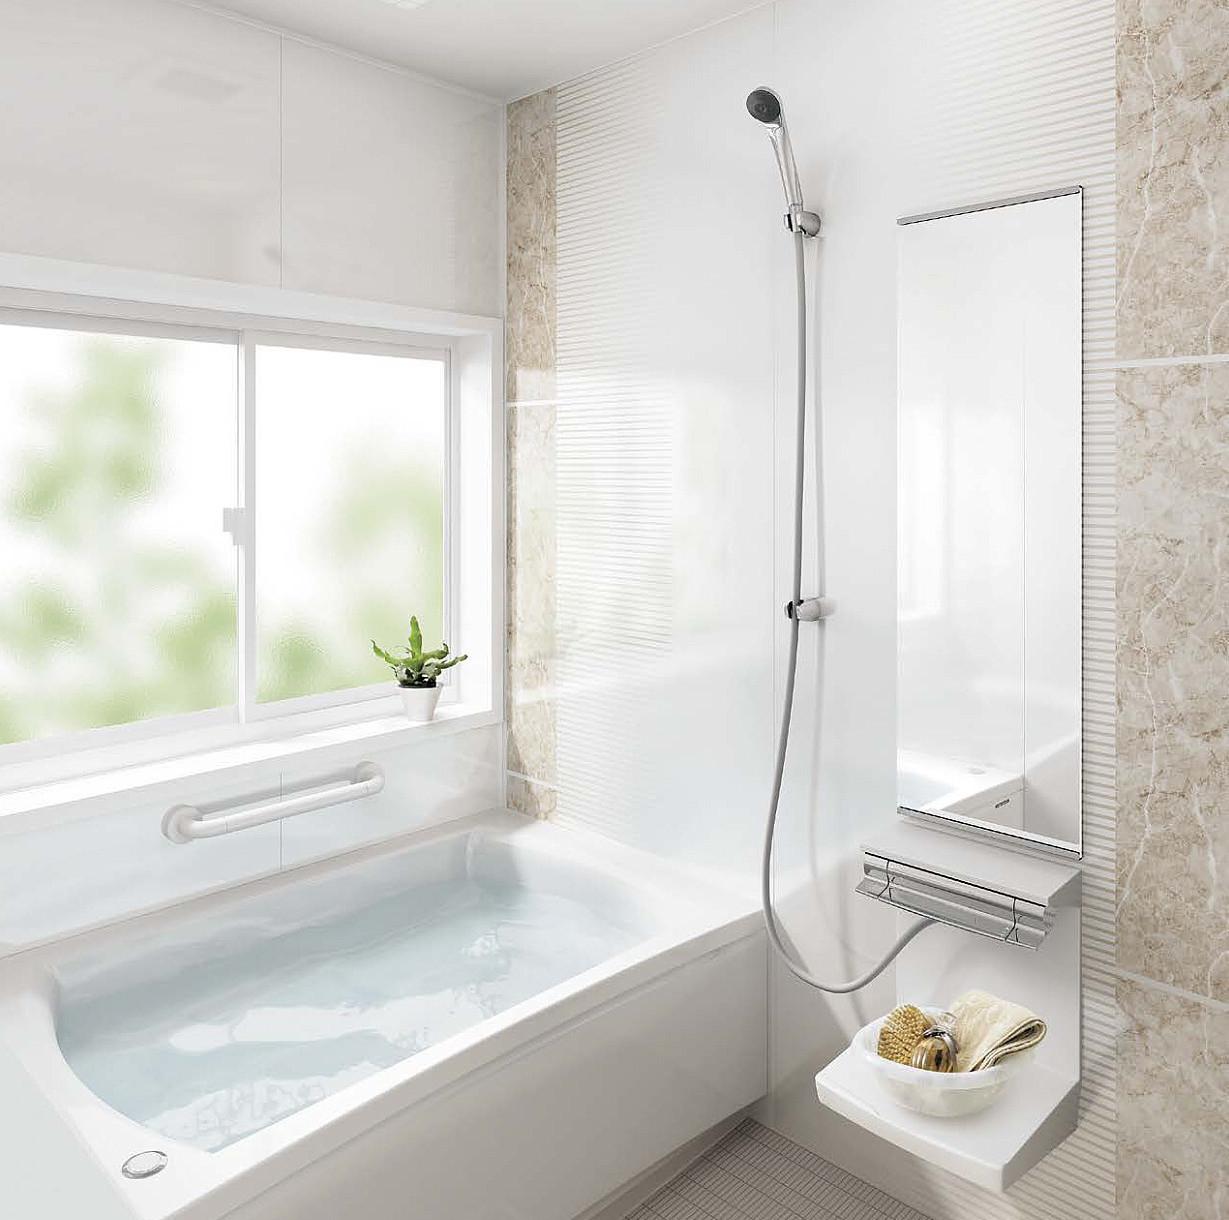 耐震   タカラスタンダードの清掃性や耐久性に優れたユニットバス(お風呂)、「ミーナ」の特徴